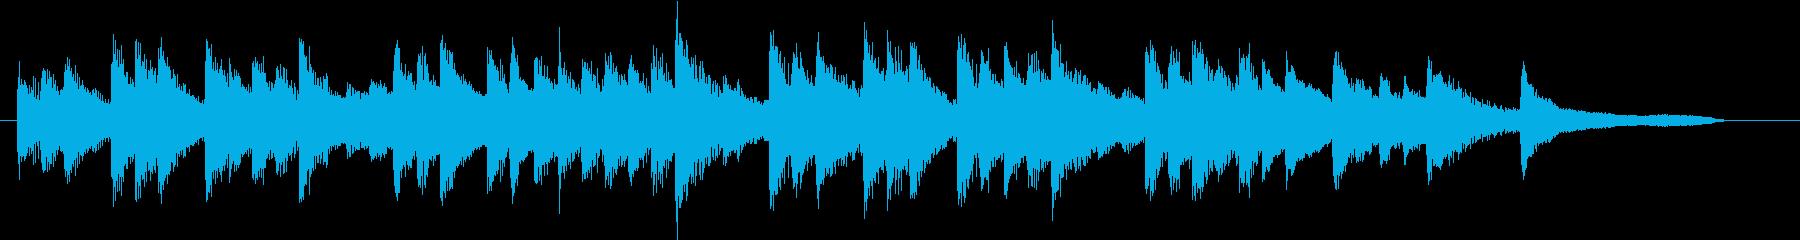 ジングルベルモチーフのピアノジングルBの再生済みの波形